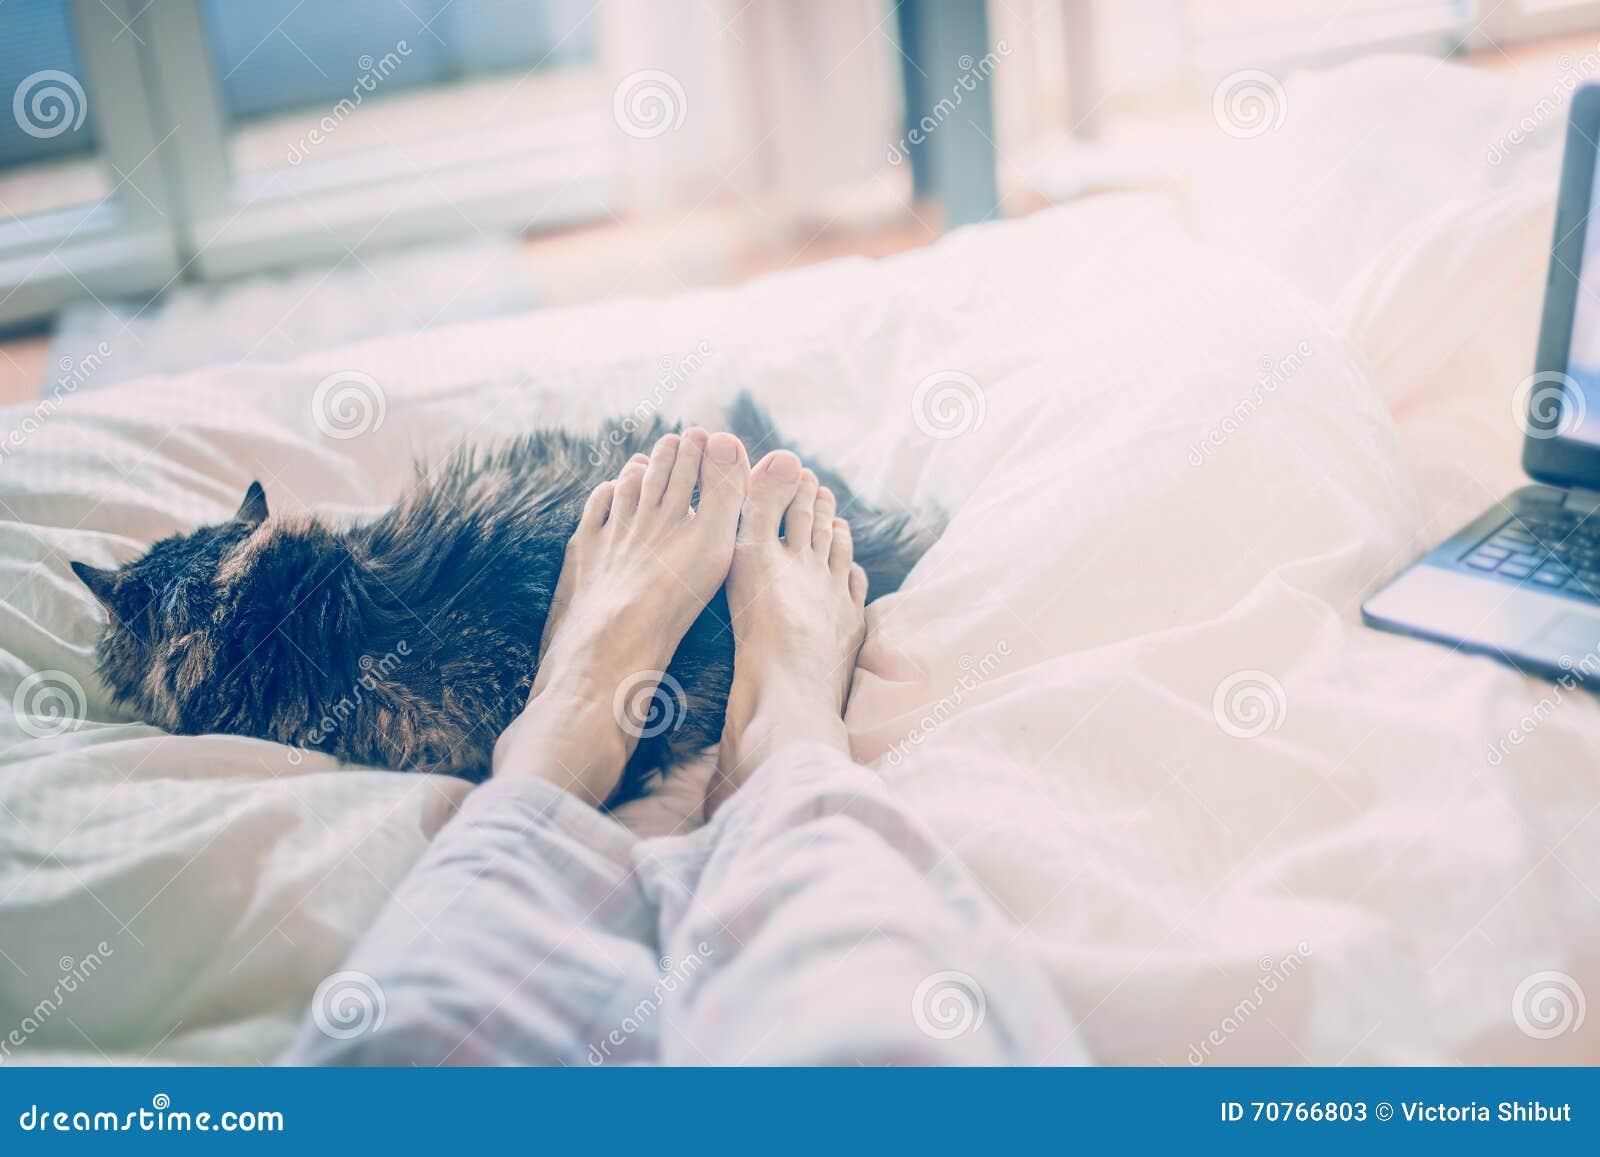 женские ноги на кровати